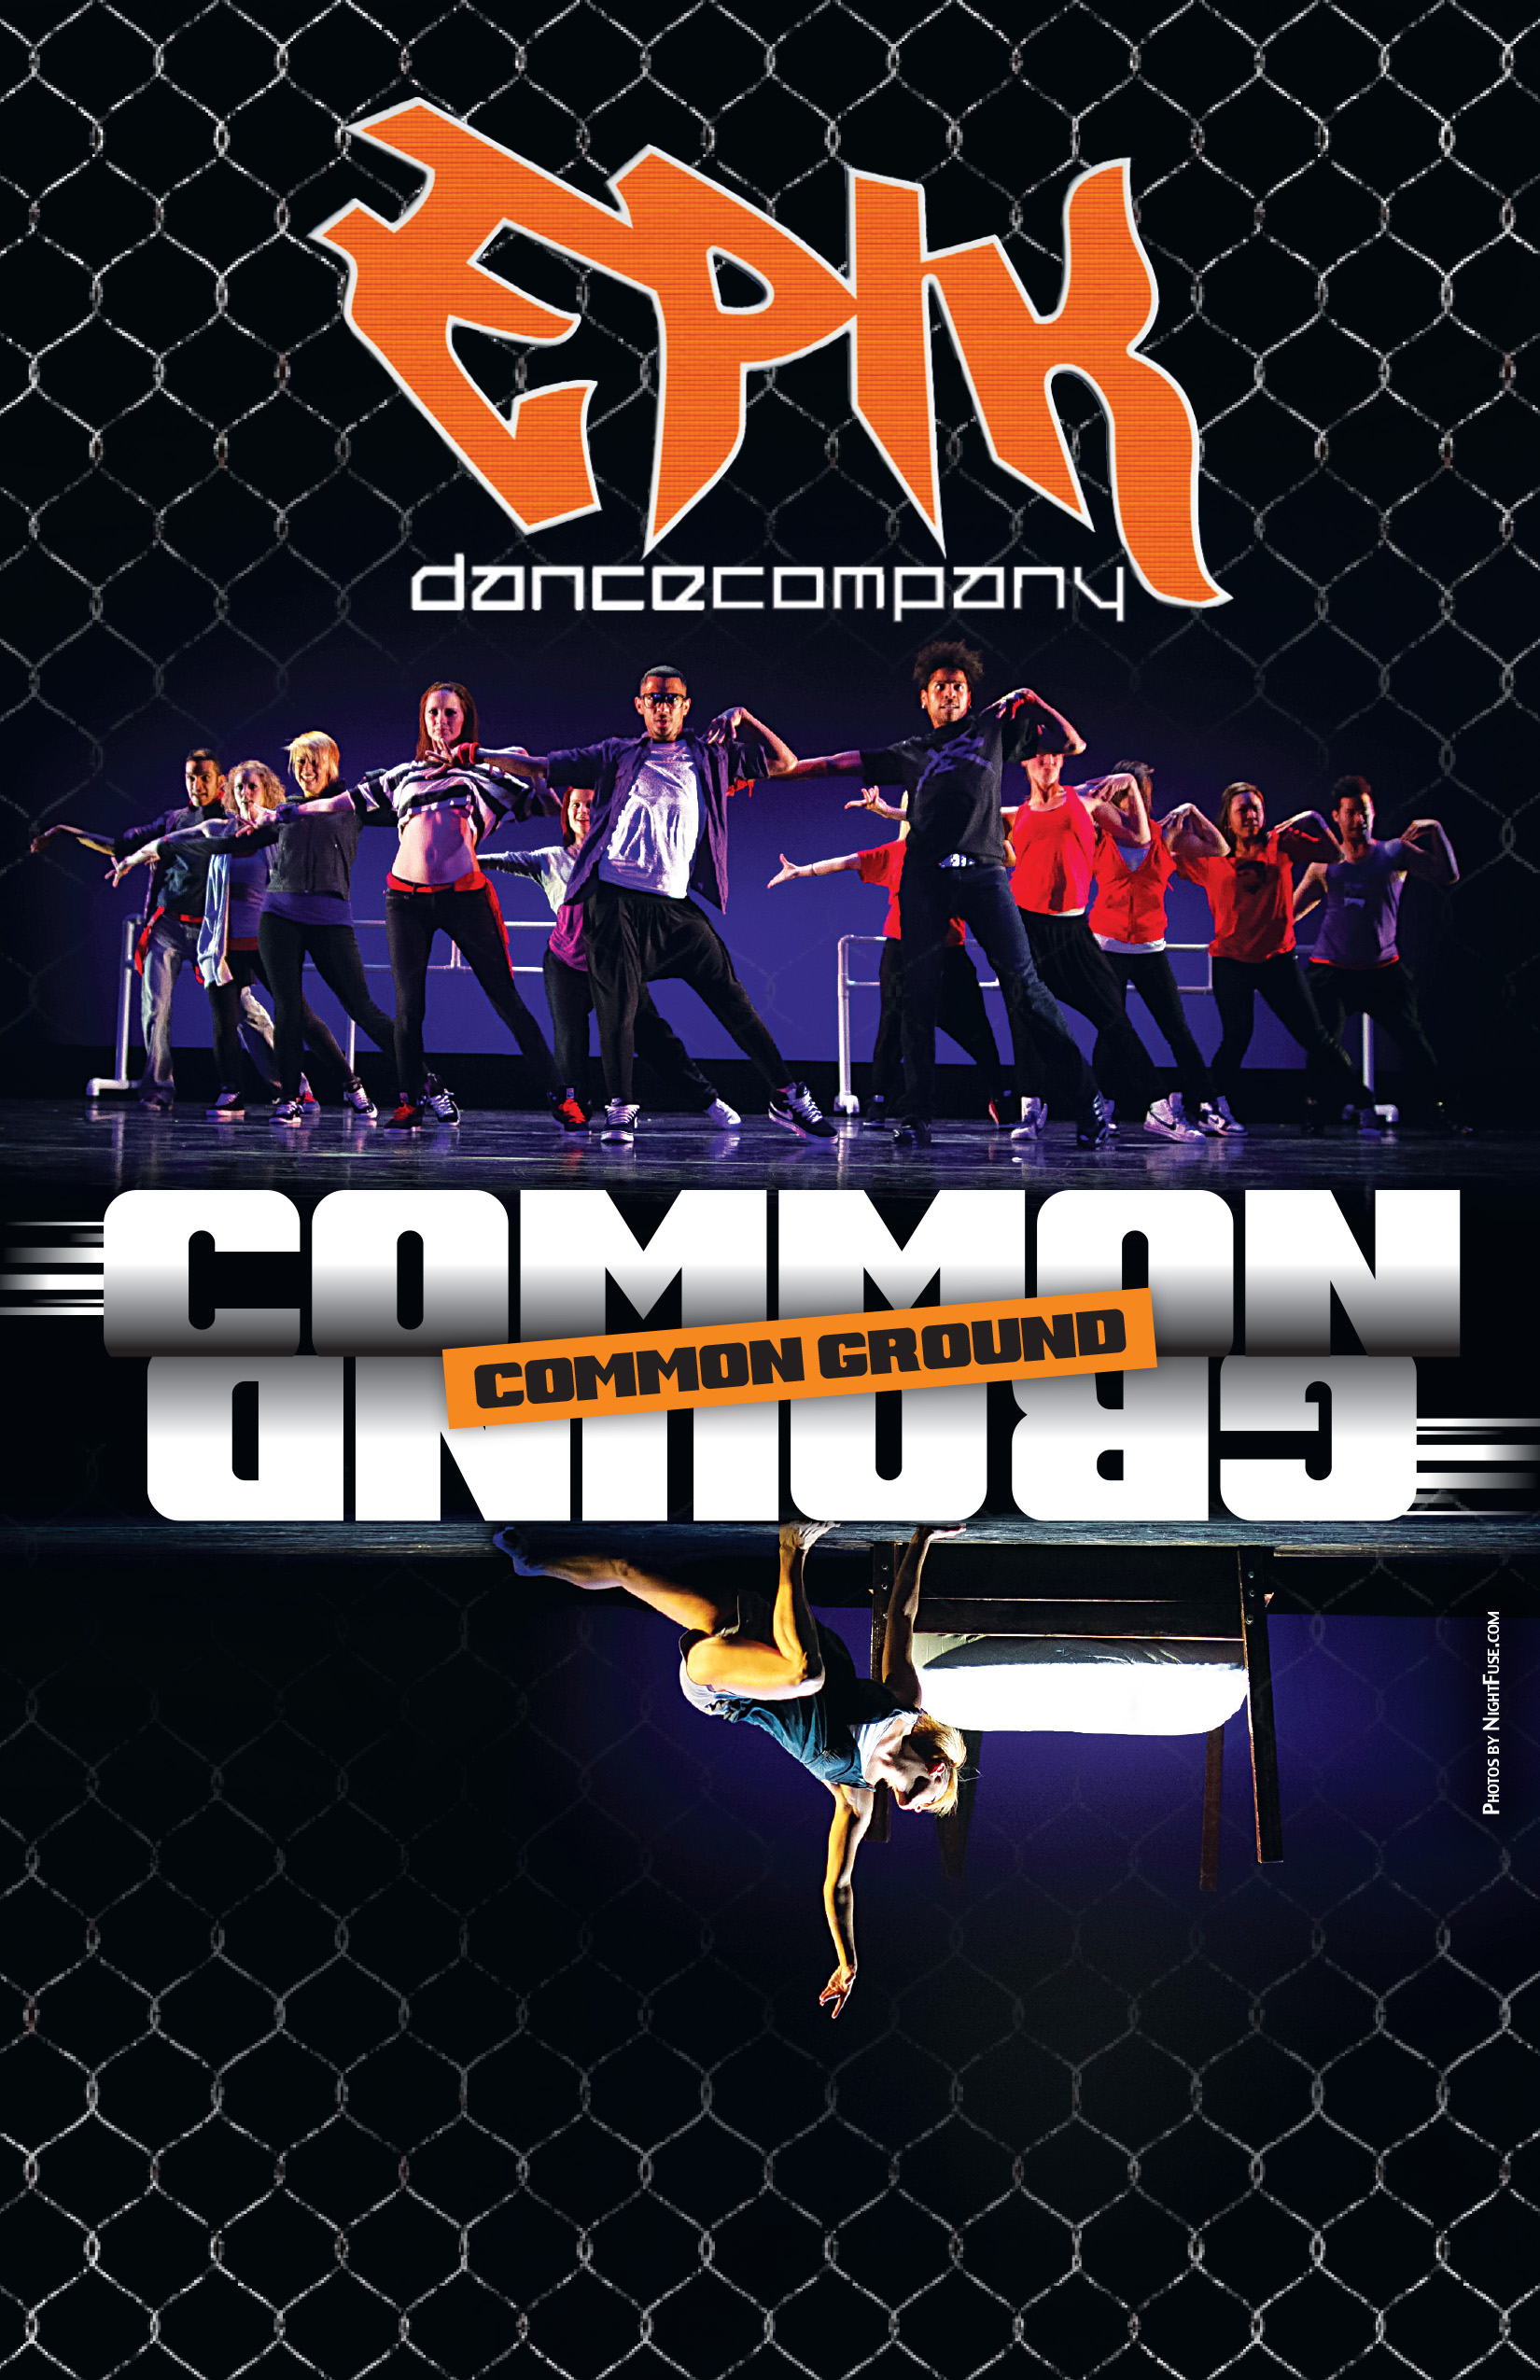 Common Ground Program 2013